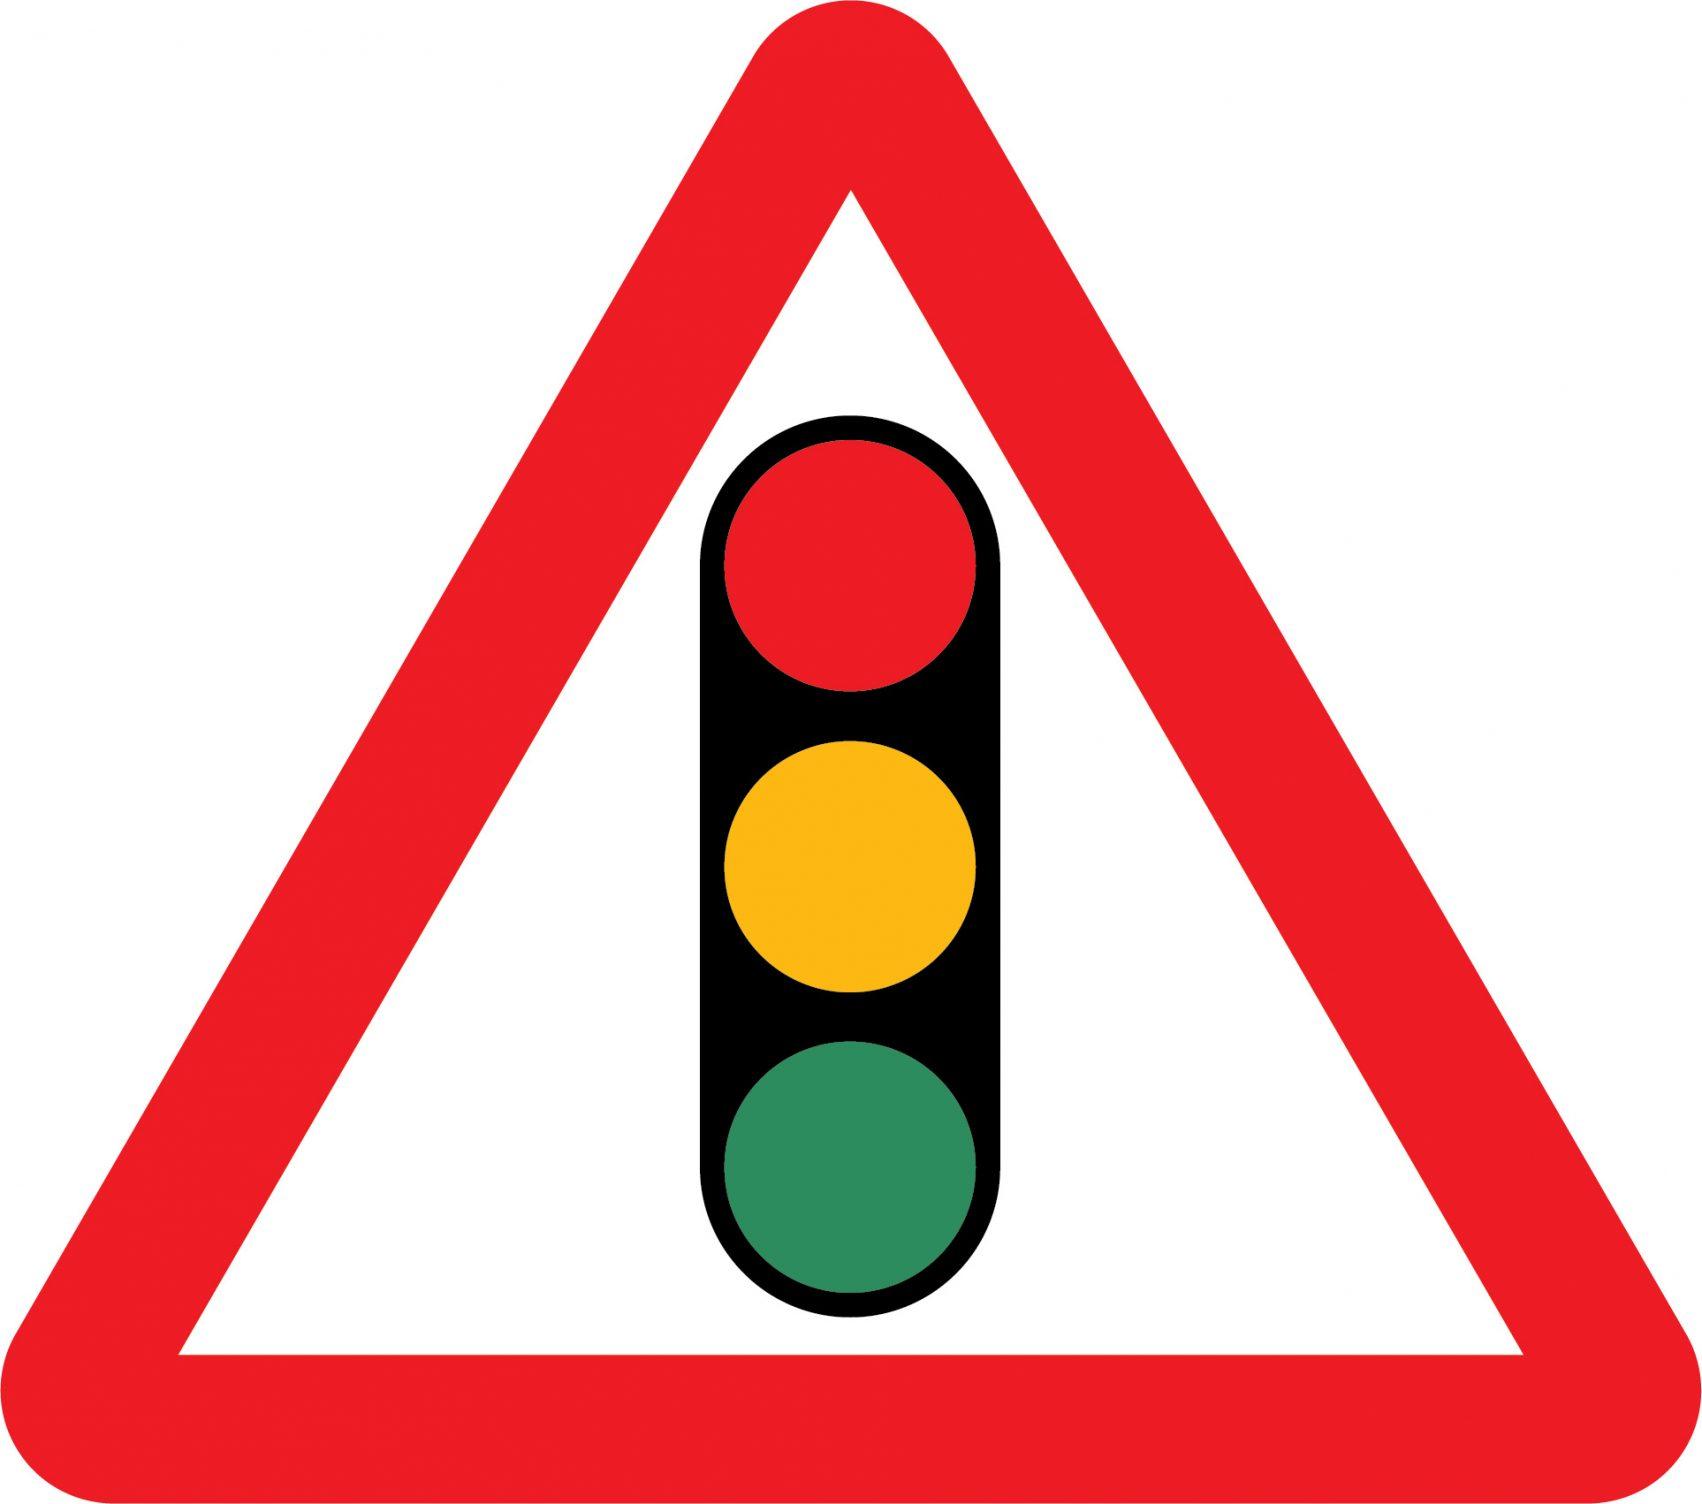 Traffic Signals Road Sign